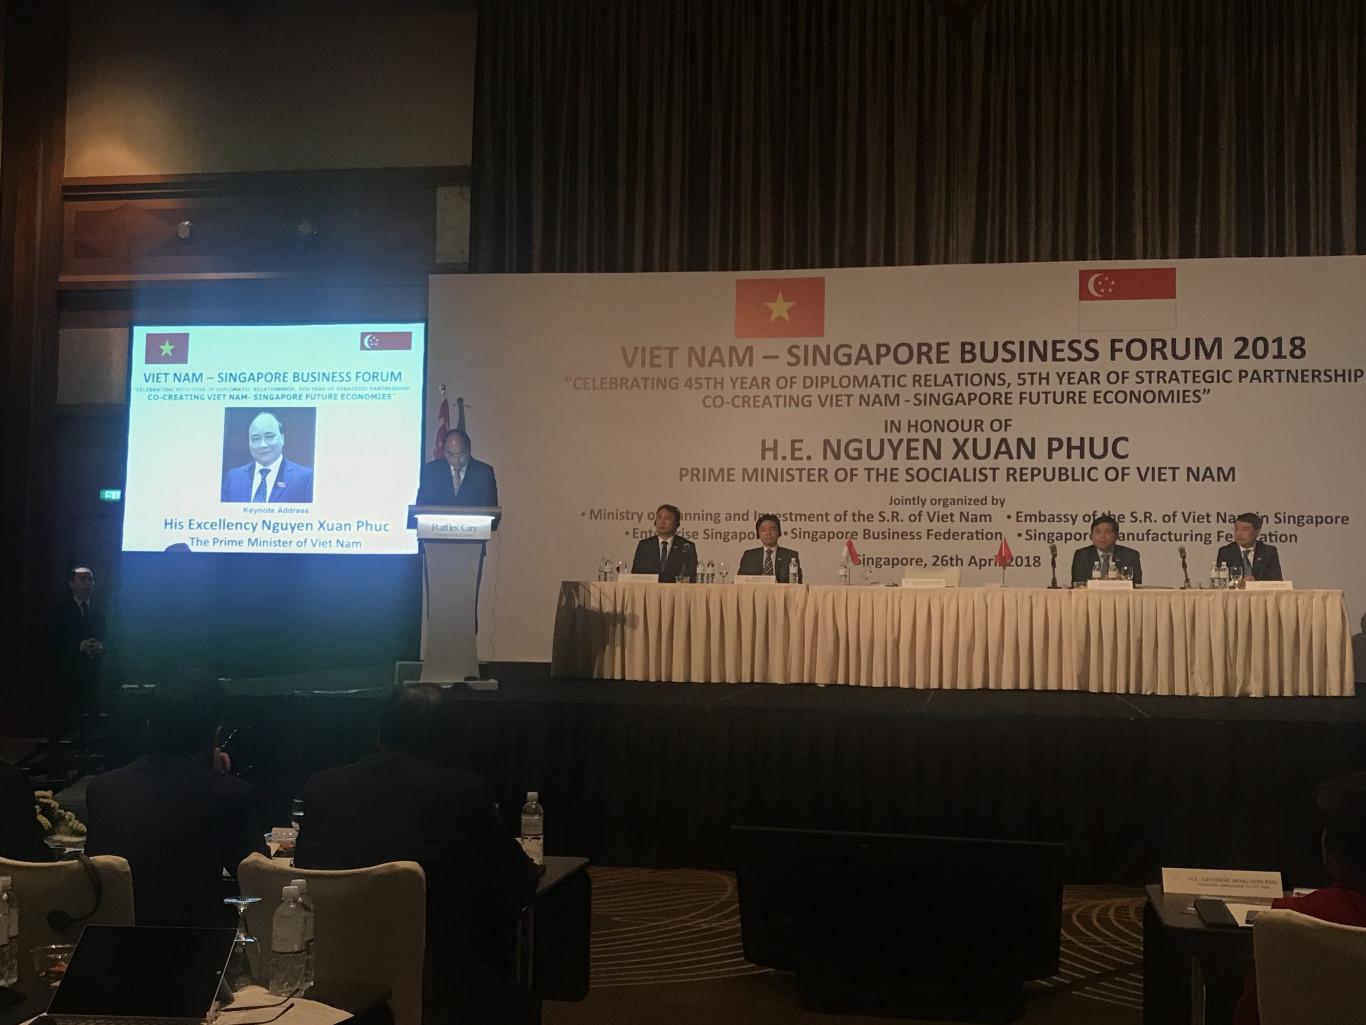 Mở công ty tại Việt Nam. Thủ tưởng Nguyễn Xuân Phúc kêu gọi nhà đầu tư nước ngoài thành lập công ty tại Việt nam tại Hội thảo Singapore